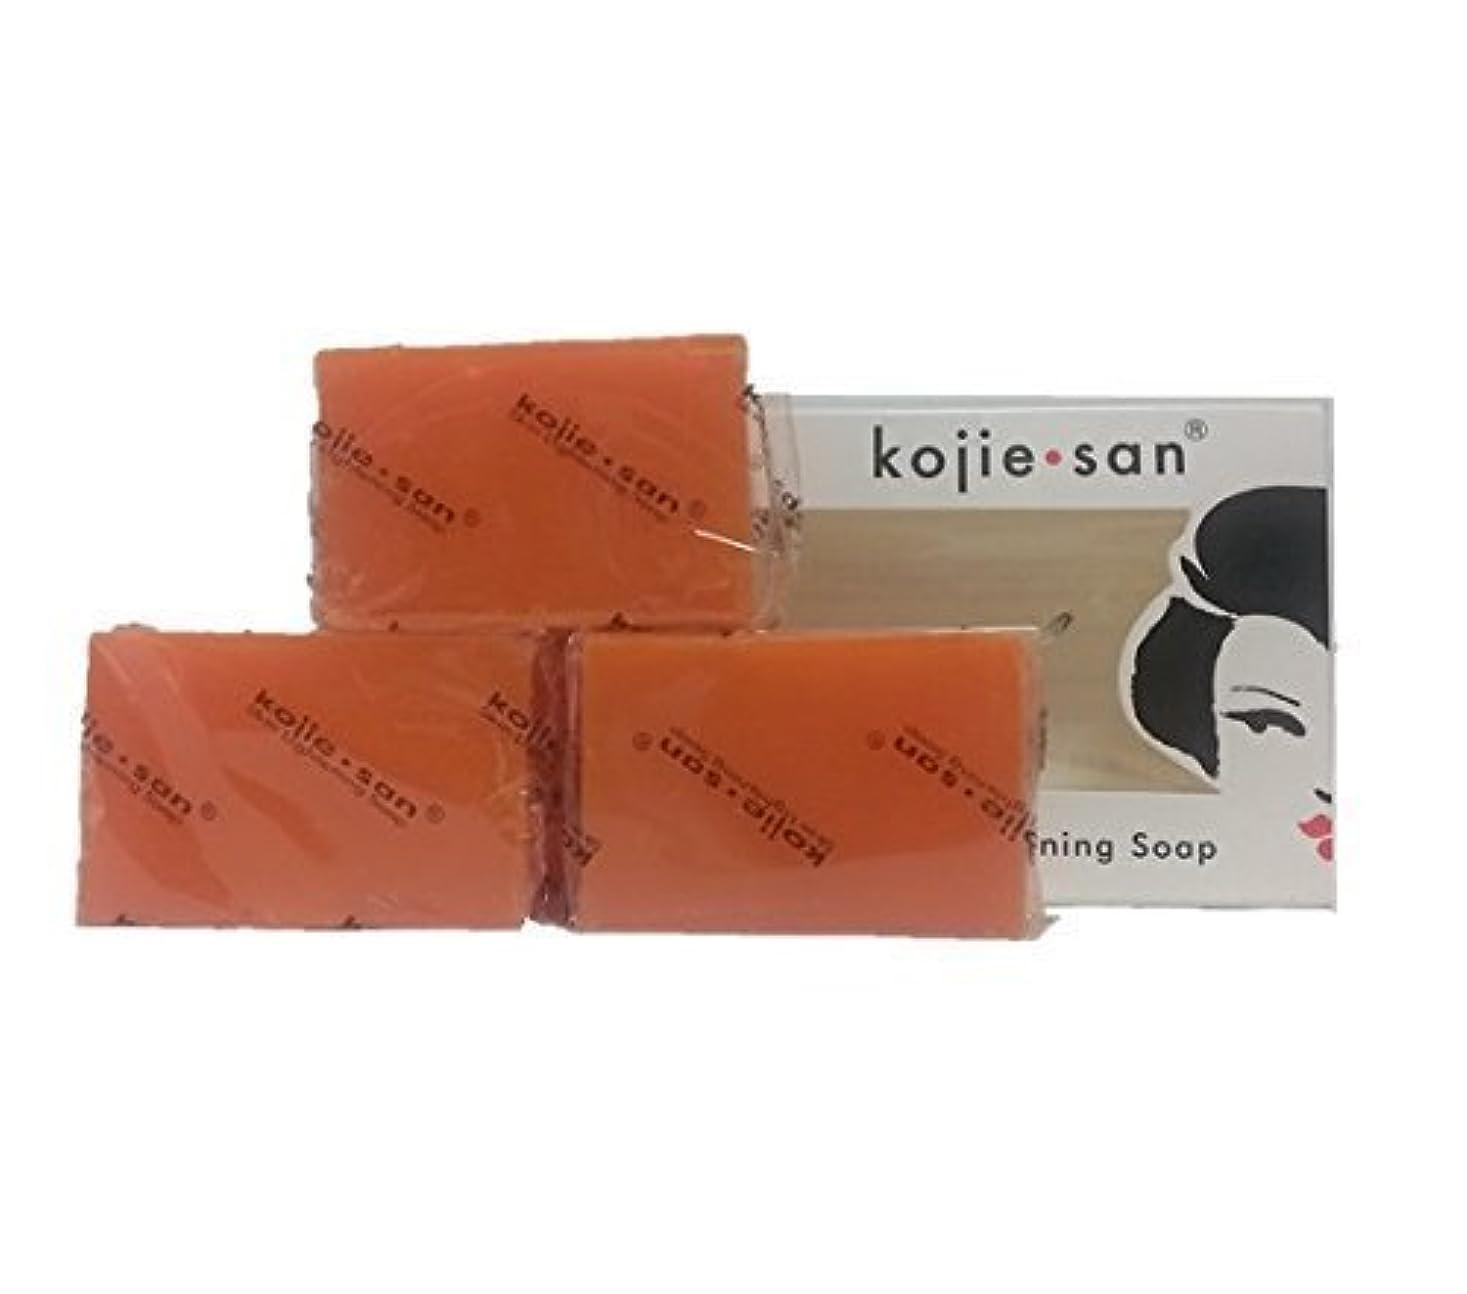 髄コアドレスKojie san Skin Lightning Soap 3 pcs こじえさんスキンライトニングソープ3個パック [並行輸入品]